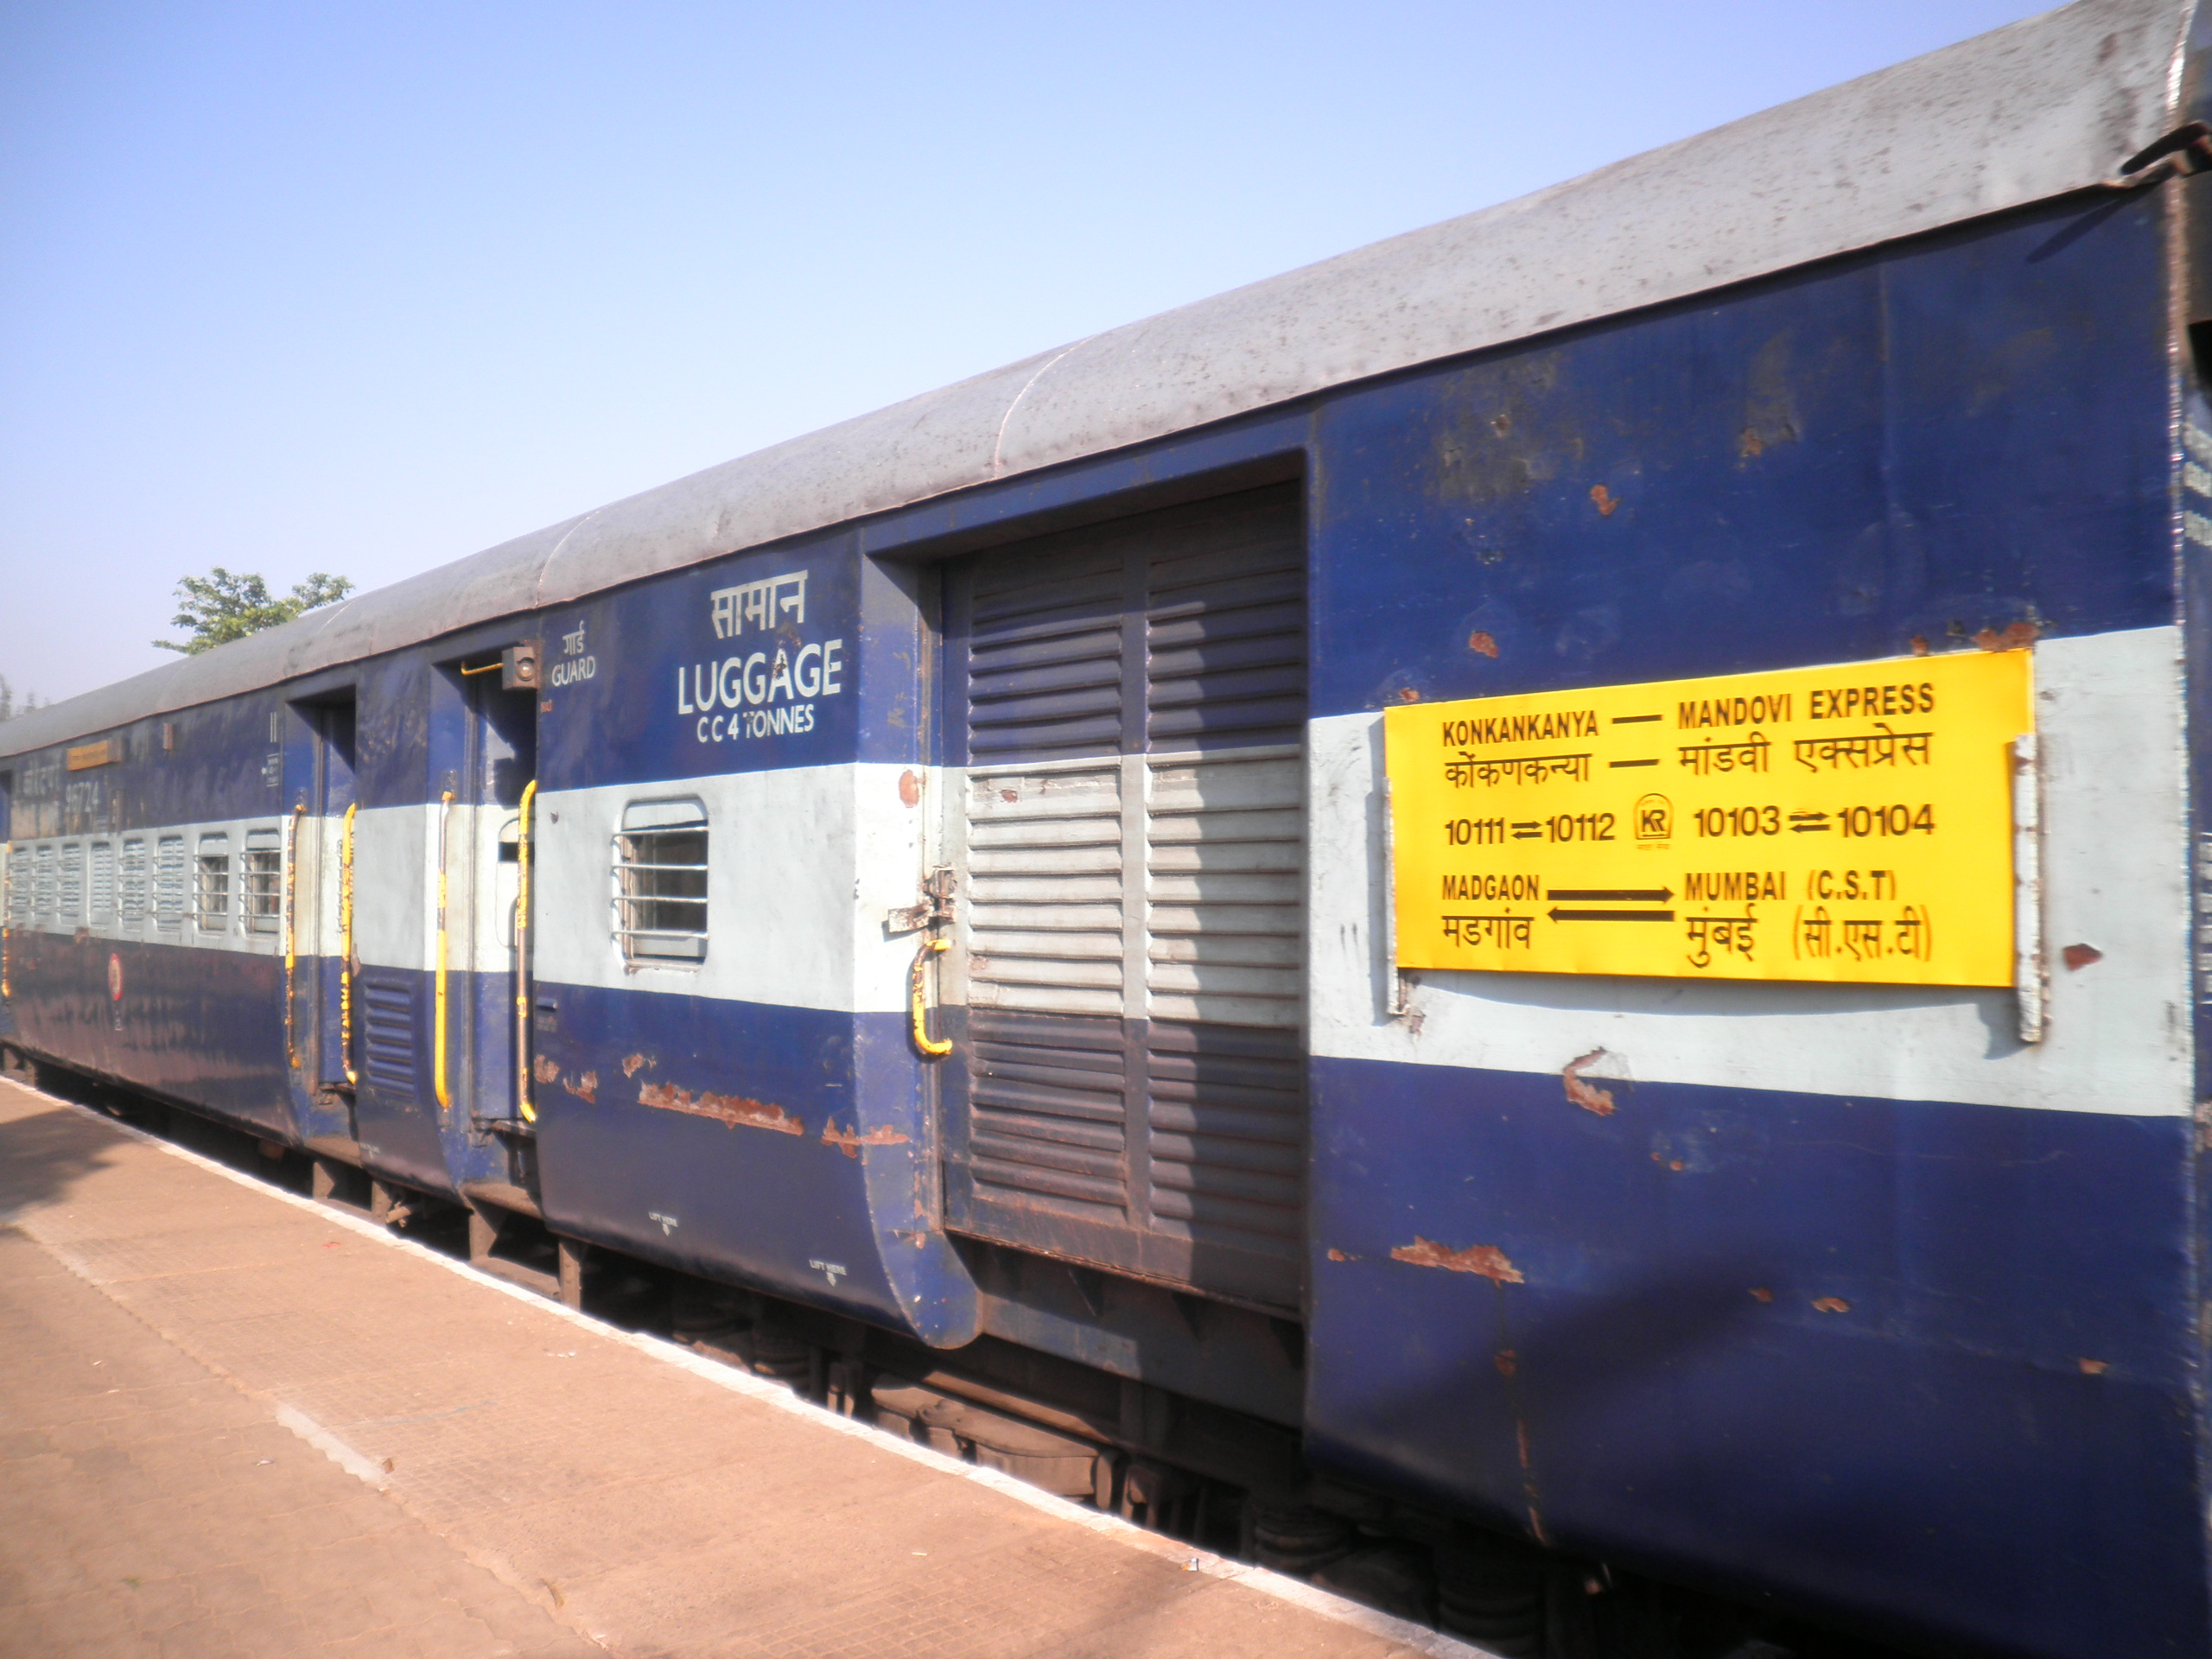 Konkan Kanya Express